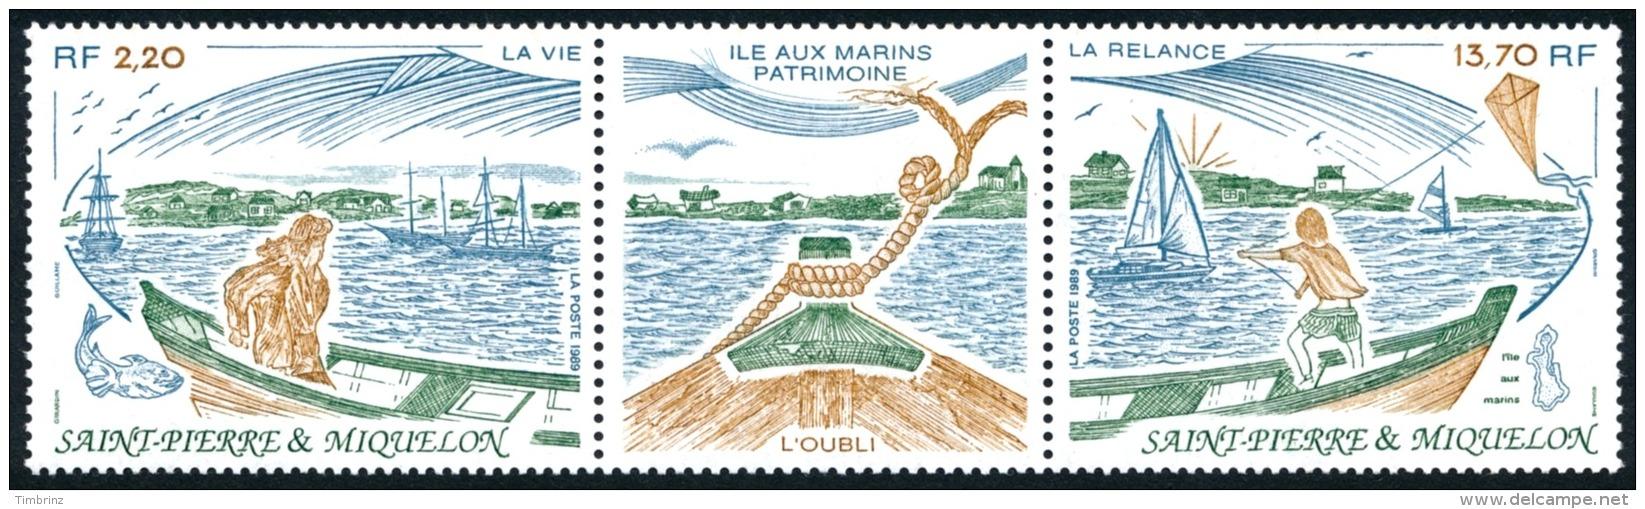 ST-PIERRE ET MIQUELON 1989 - Yv. 509A Tryptique **   Faciale= 2,42 EUR - L'île Aux Marins  ..Réf.SPM11363 - St.Pierre Et Miquelon